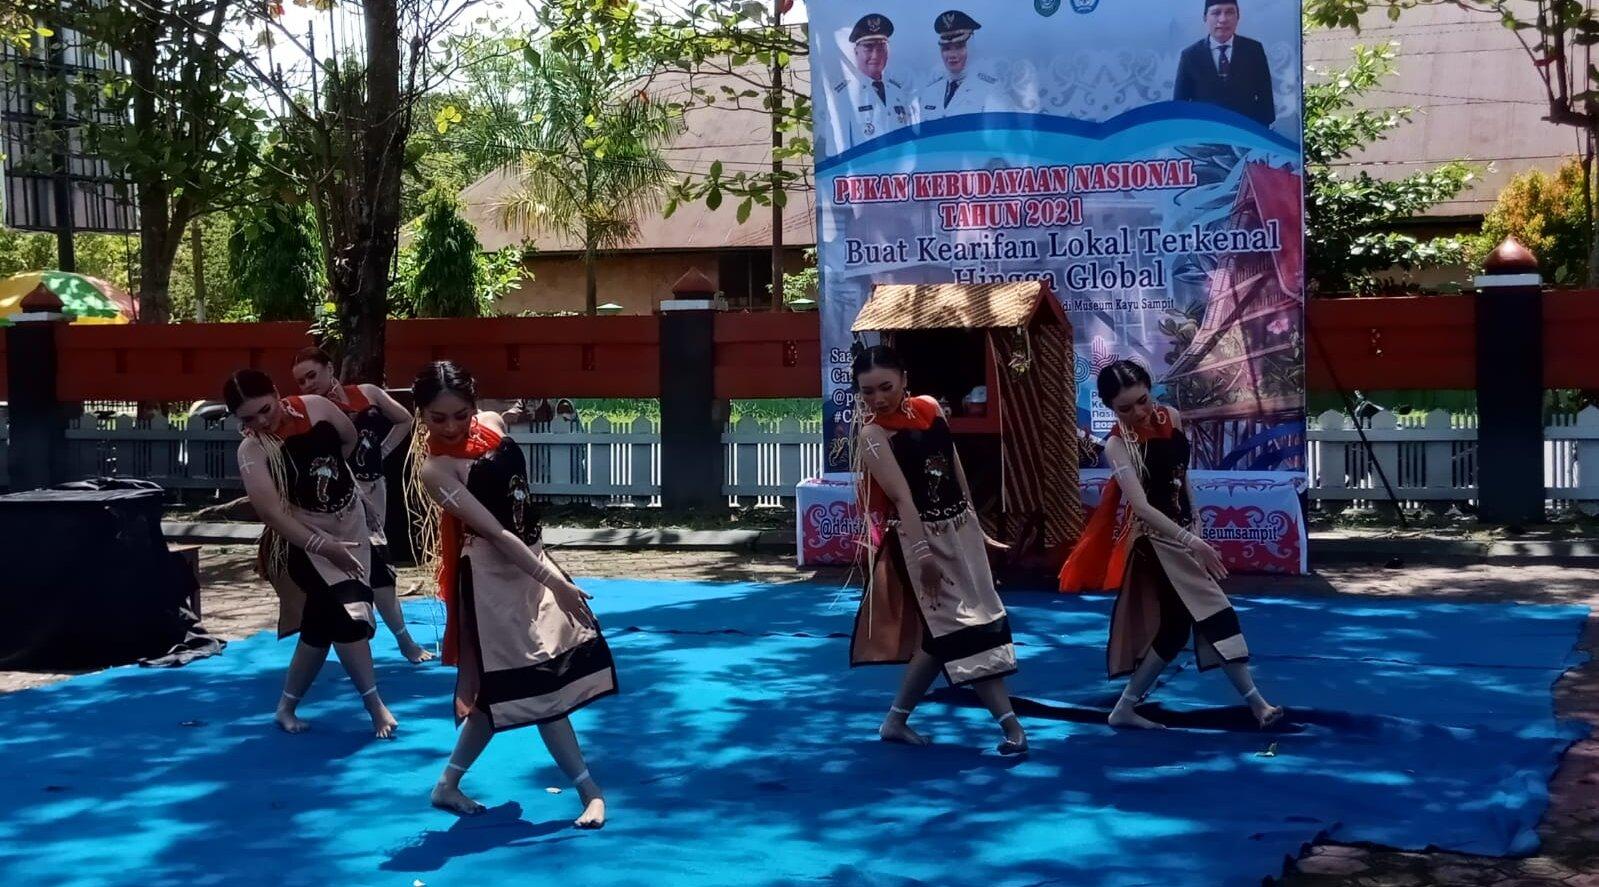 MENARI: Salah satu peserta saat menampilkan tariannya pada Pekan Kebudayaan Nasional yang di gelar di halaman Museum Kayu Sampit, Rabu (22/9/2021)./BAHRI